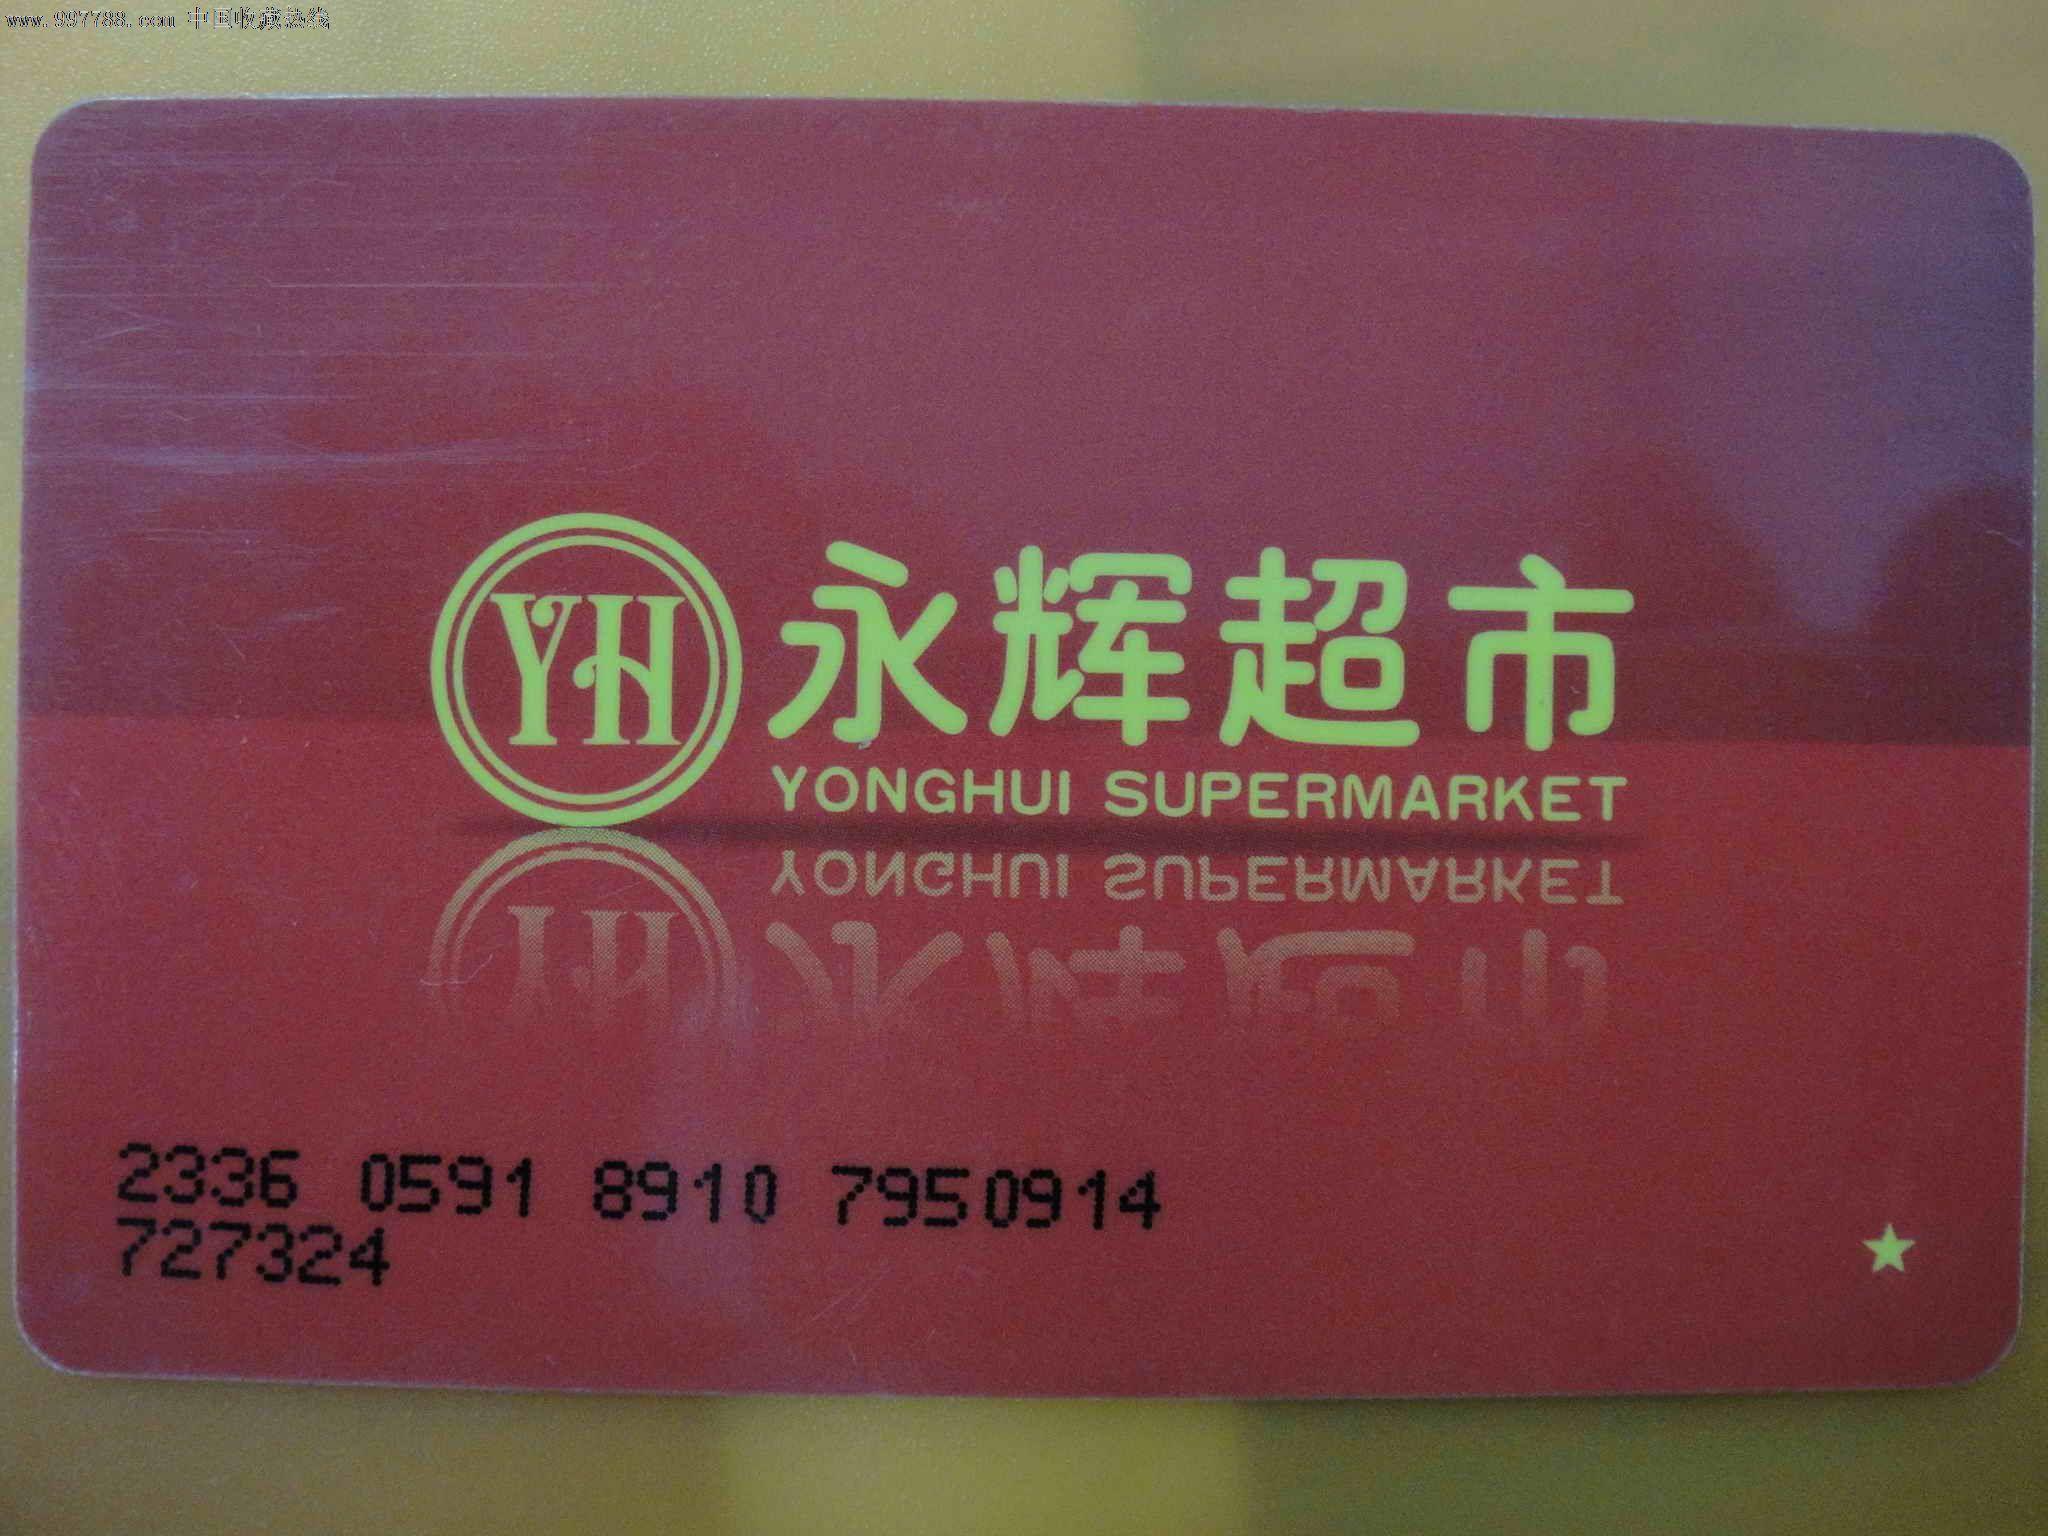 永辉超市积分卡�z*_永辉超市礼品卡购物卡